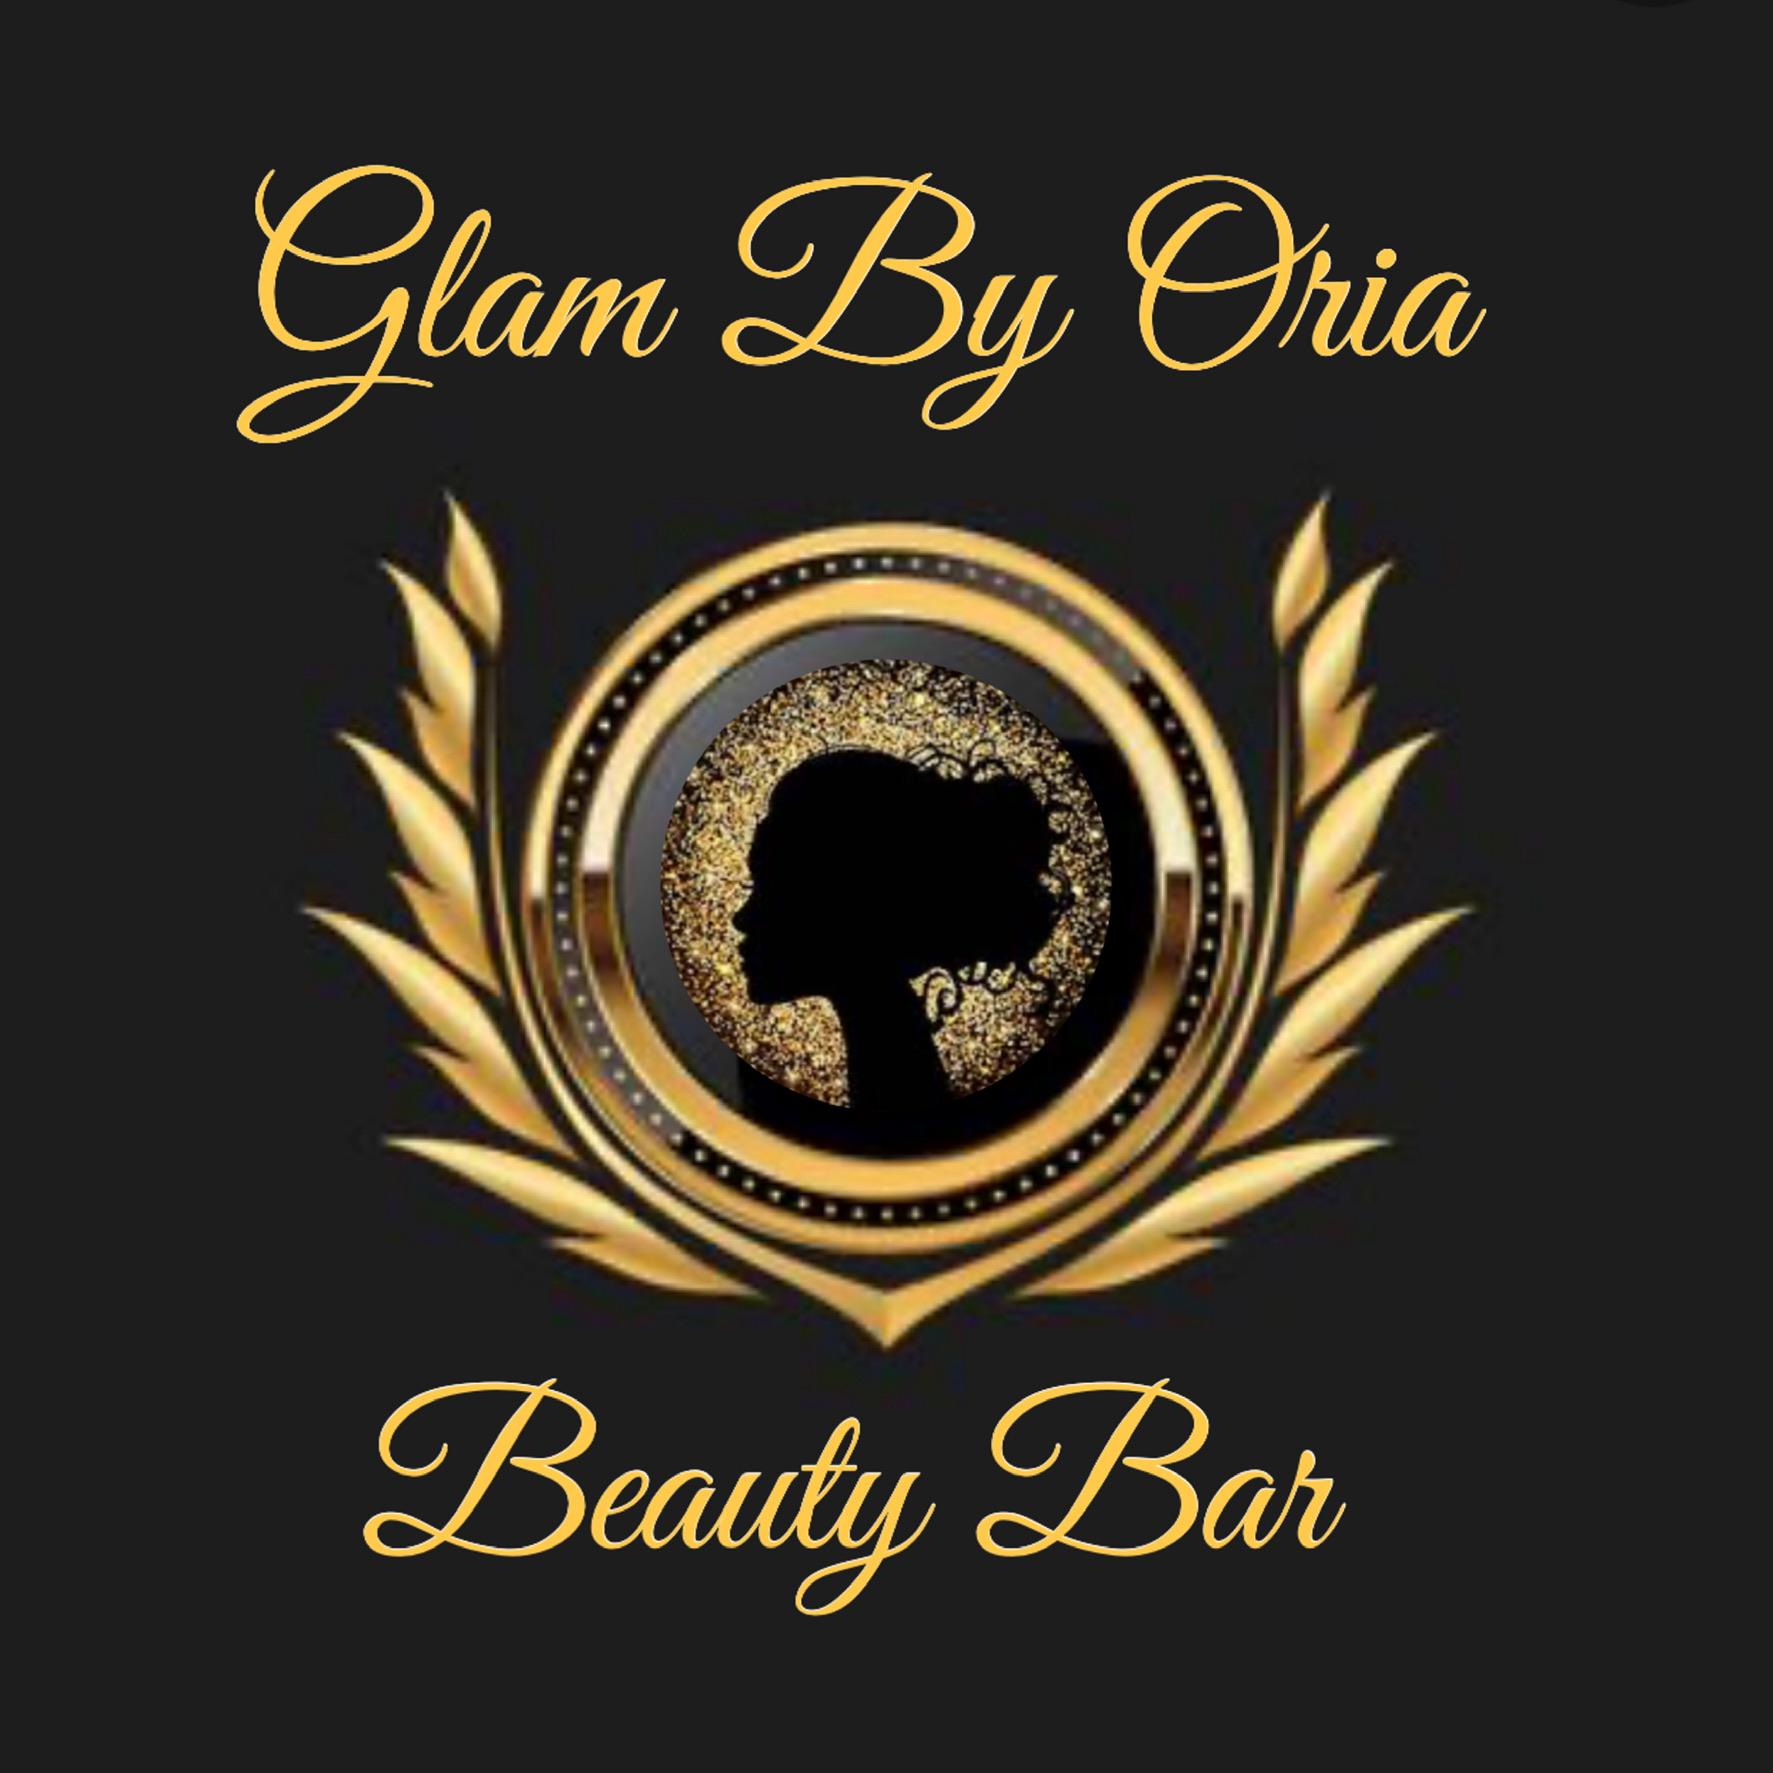 Glam By Oria LLC